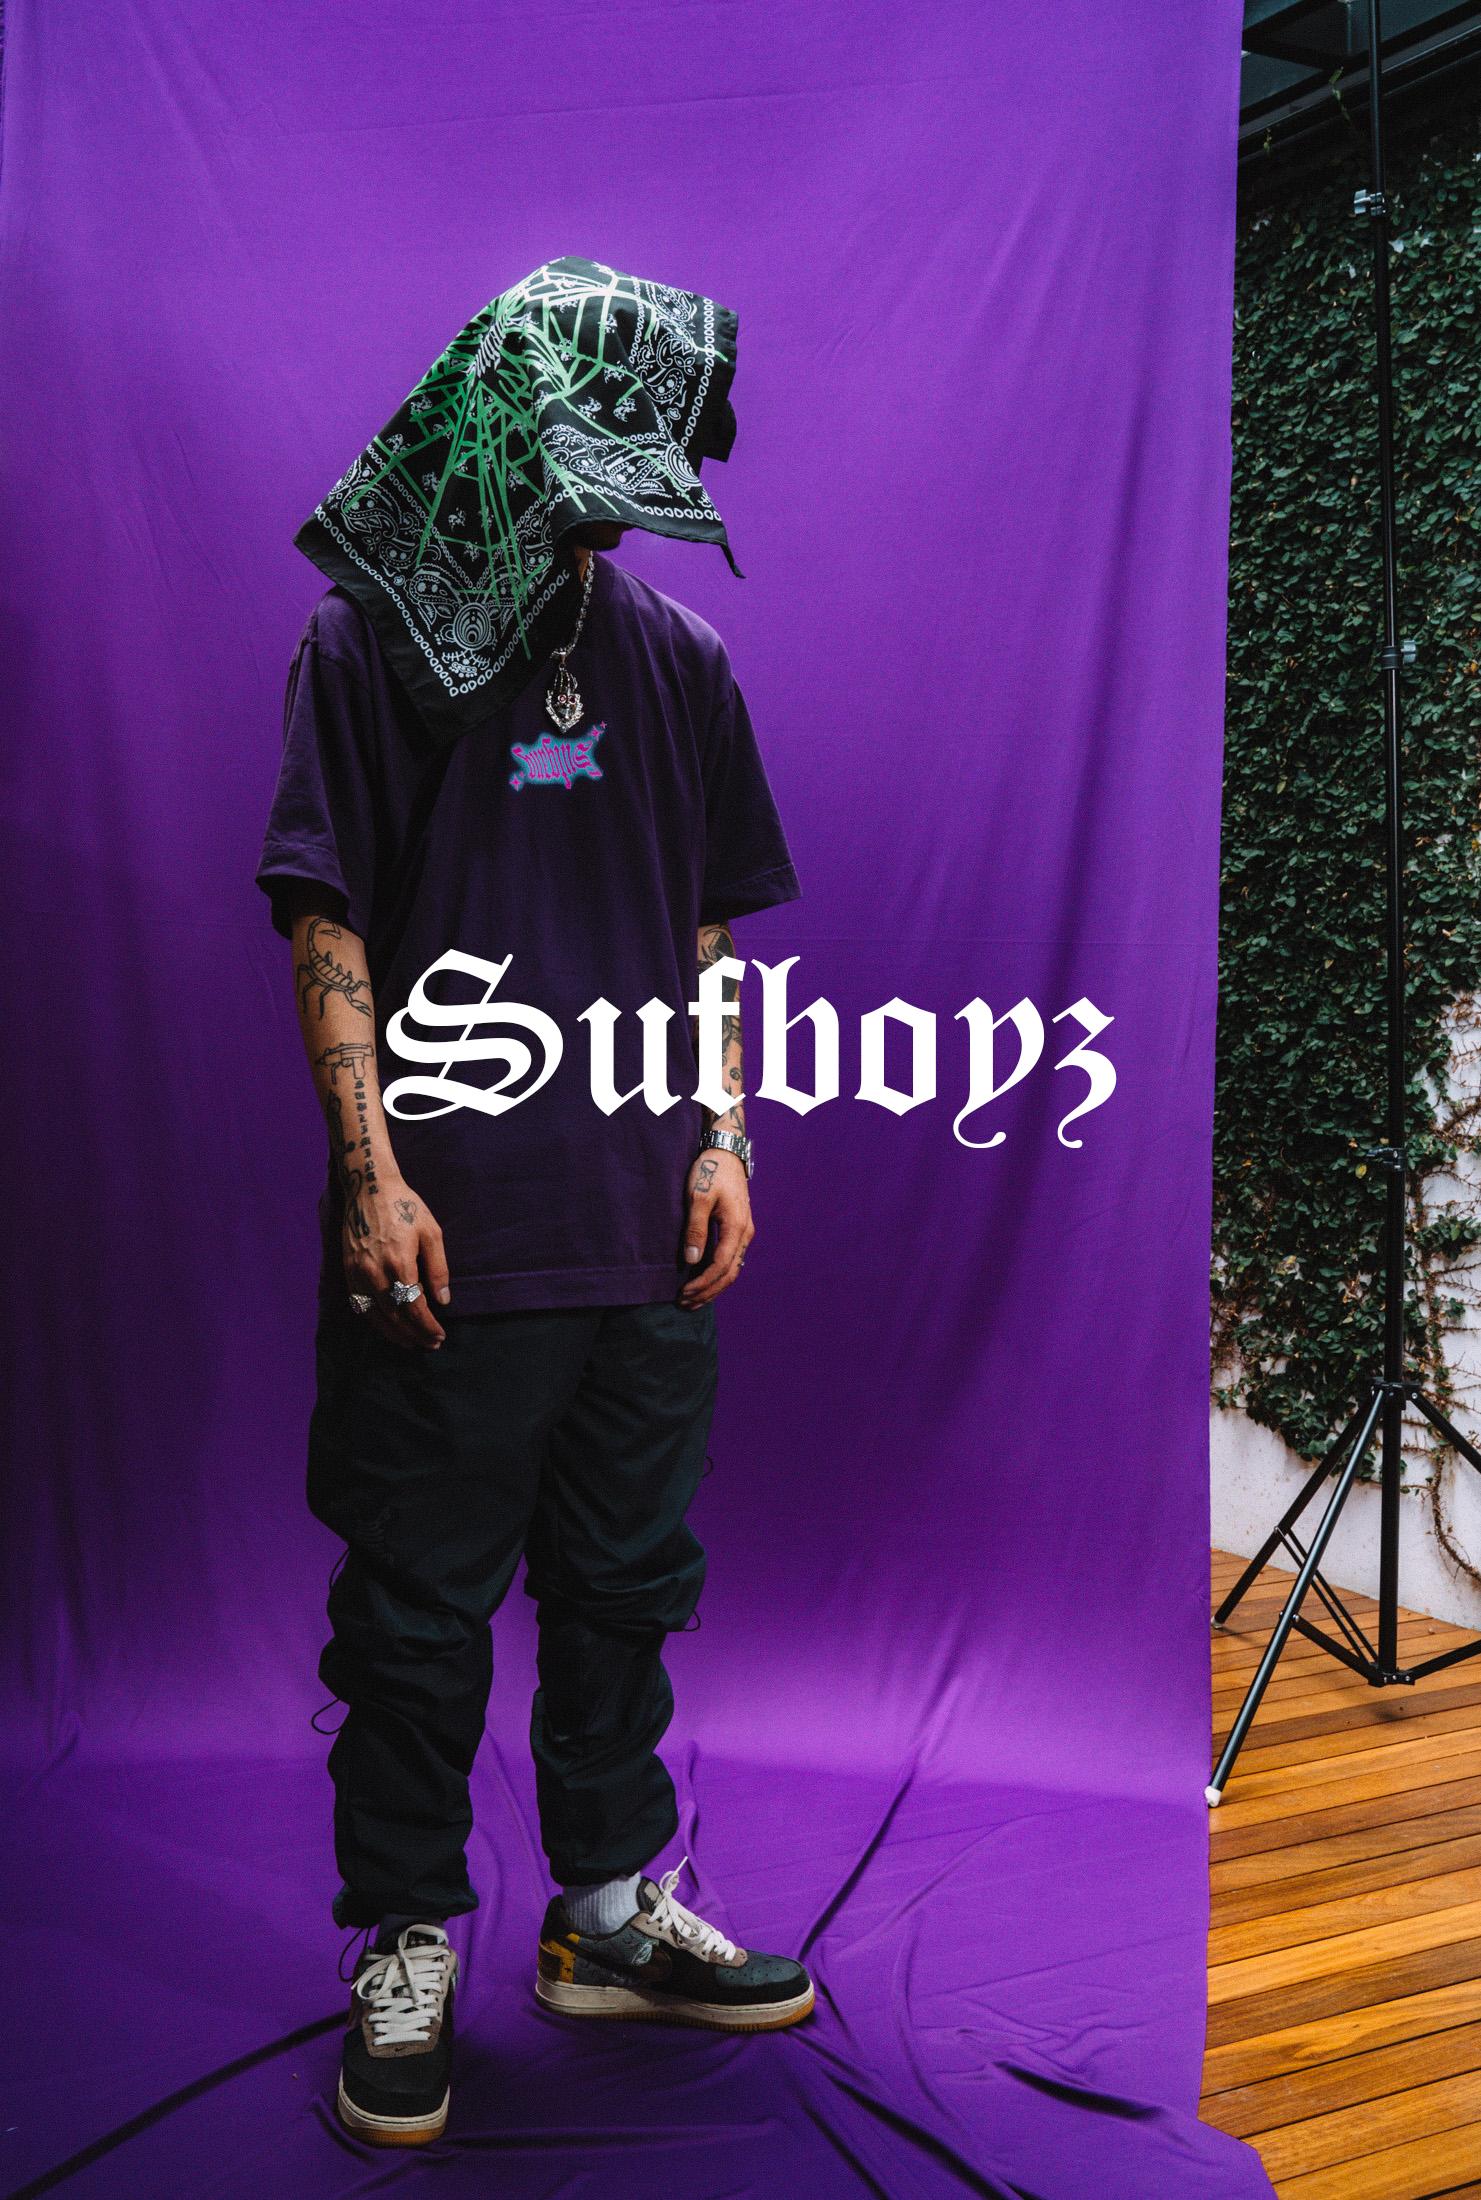 Sufboyz